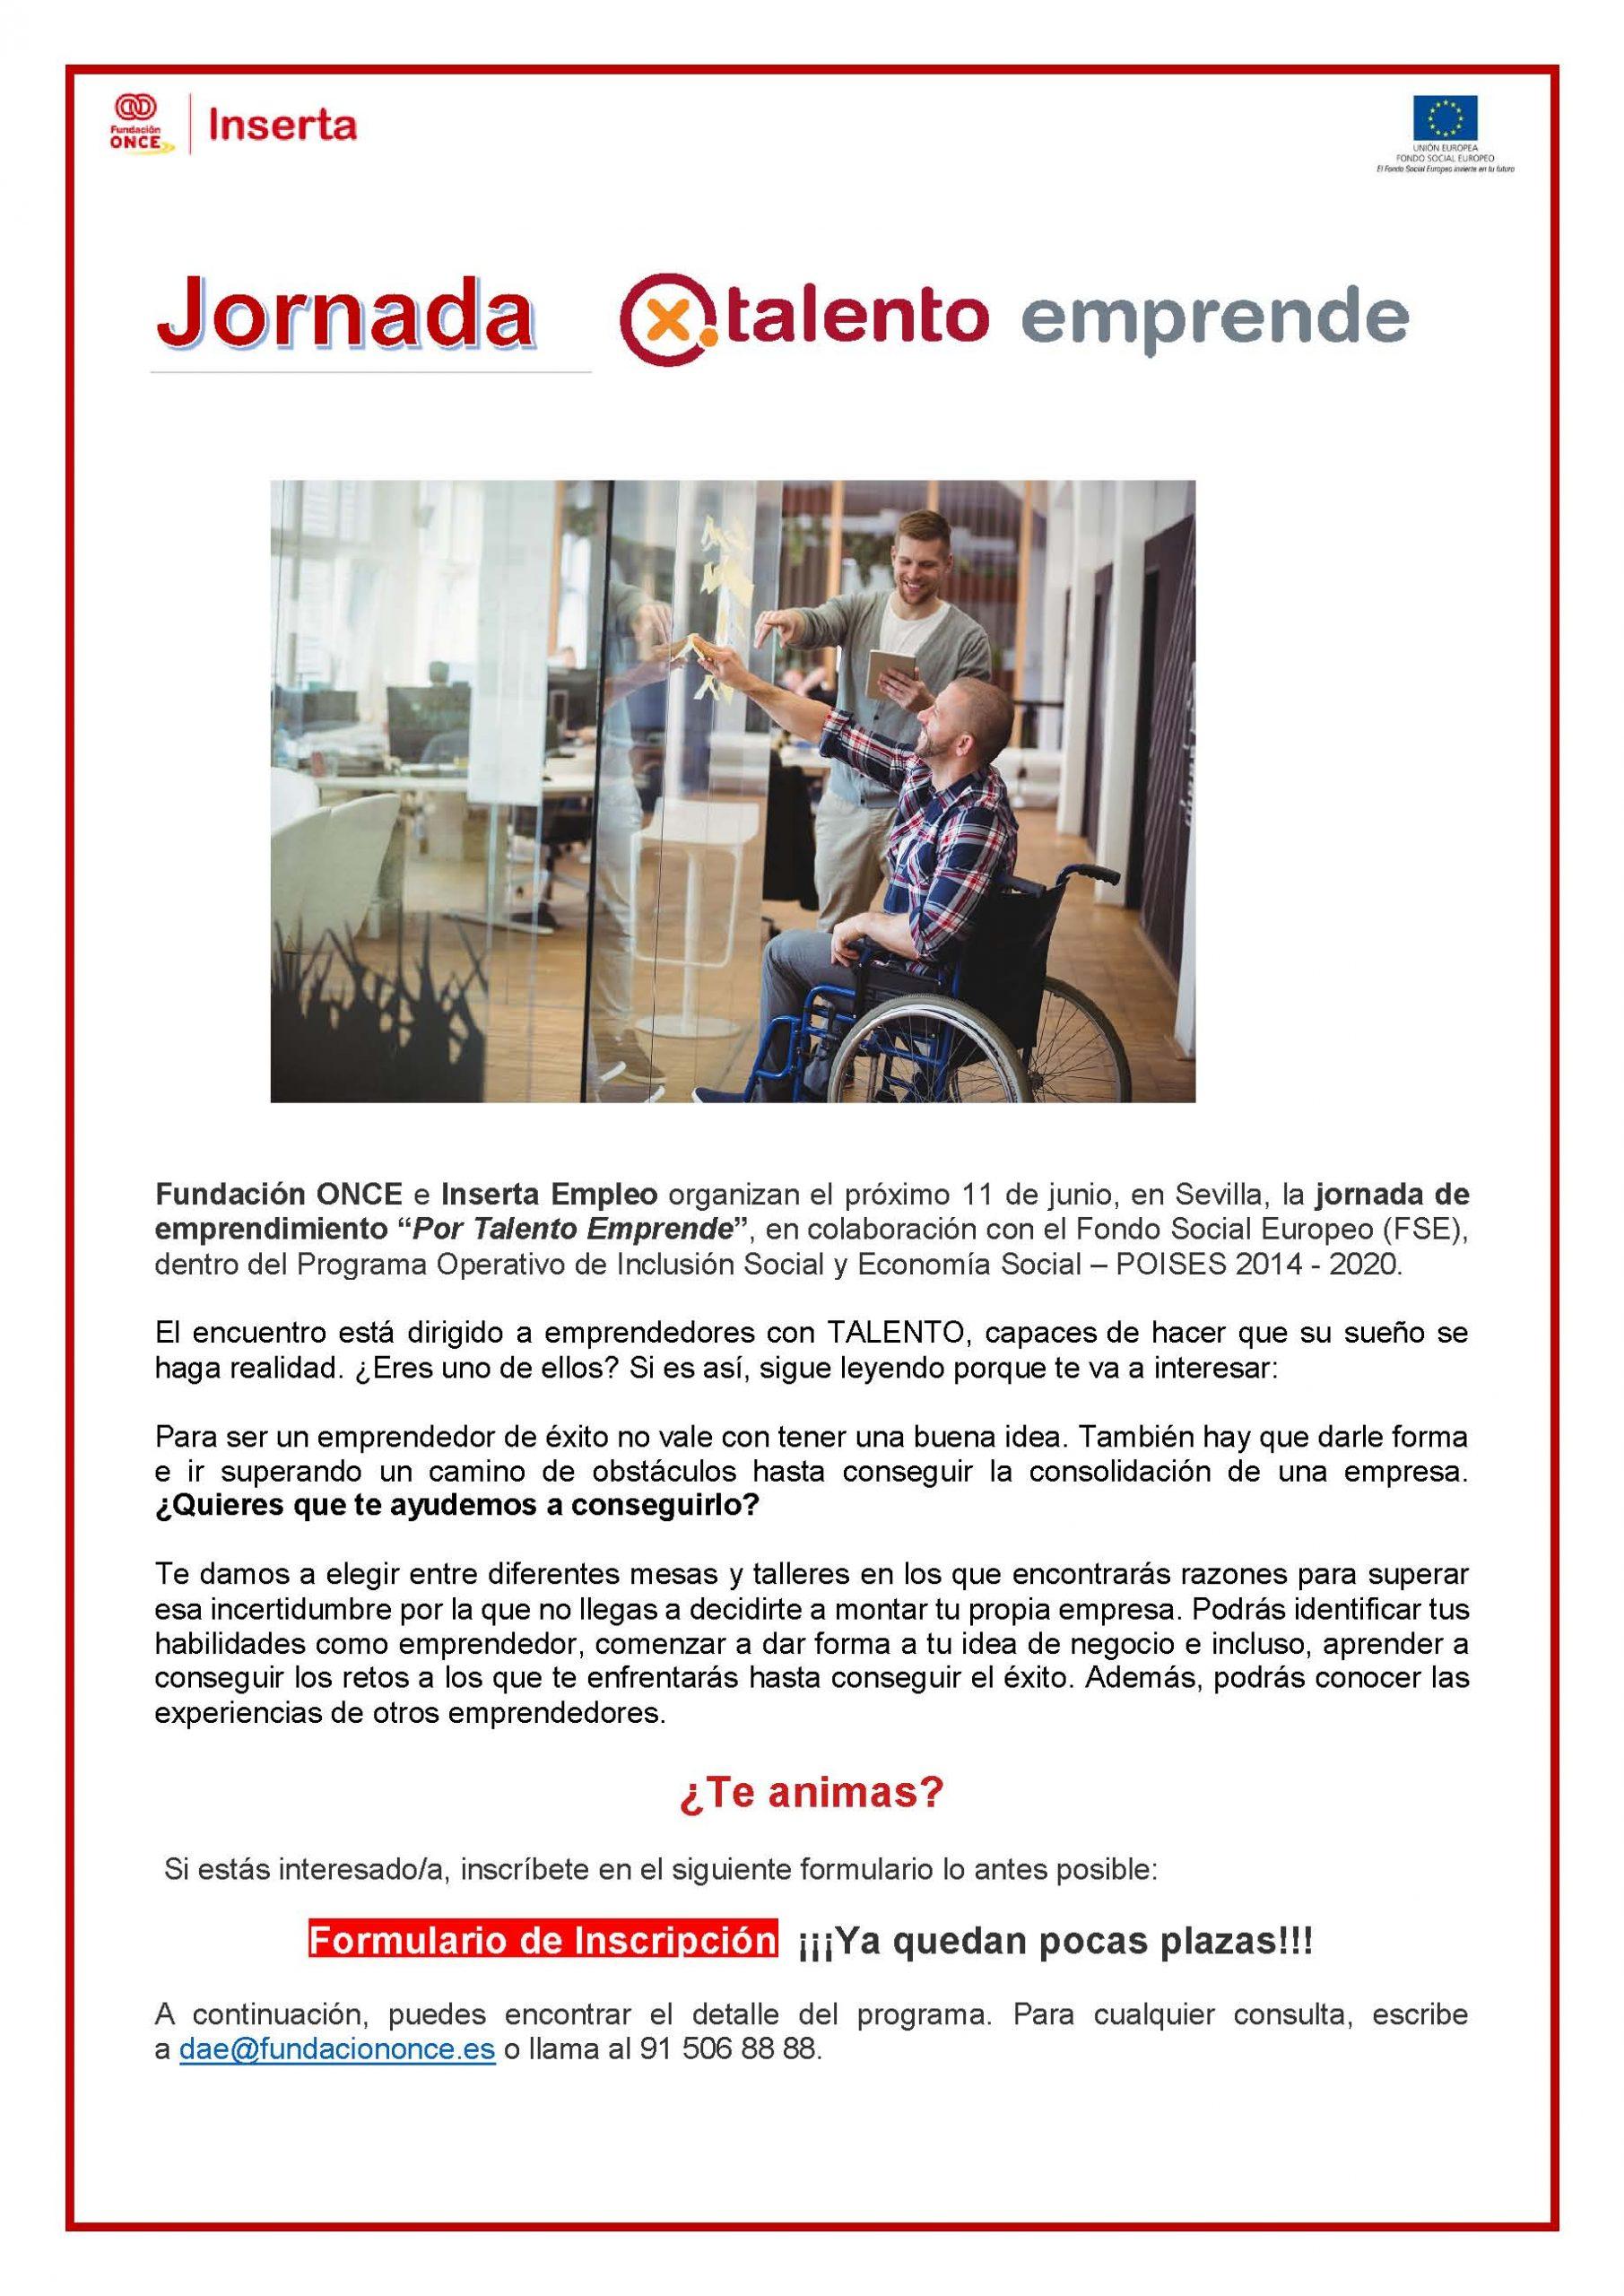 programa jornada por talento emprende - 11 de junio - sevilla_pagina_1.jpg